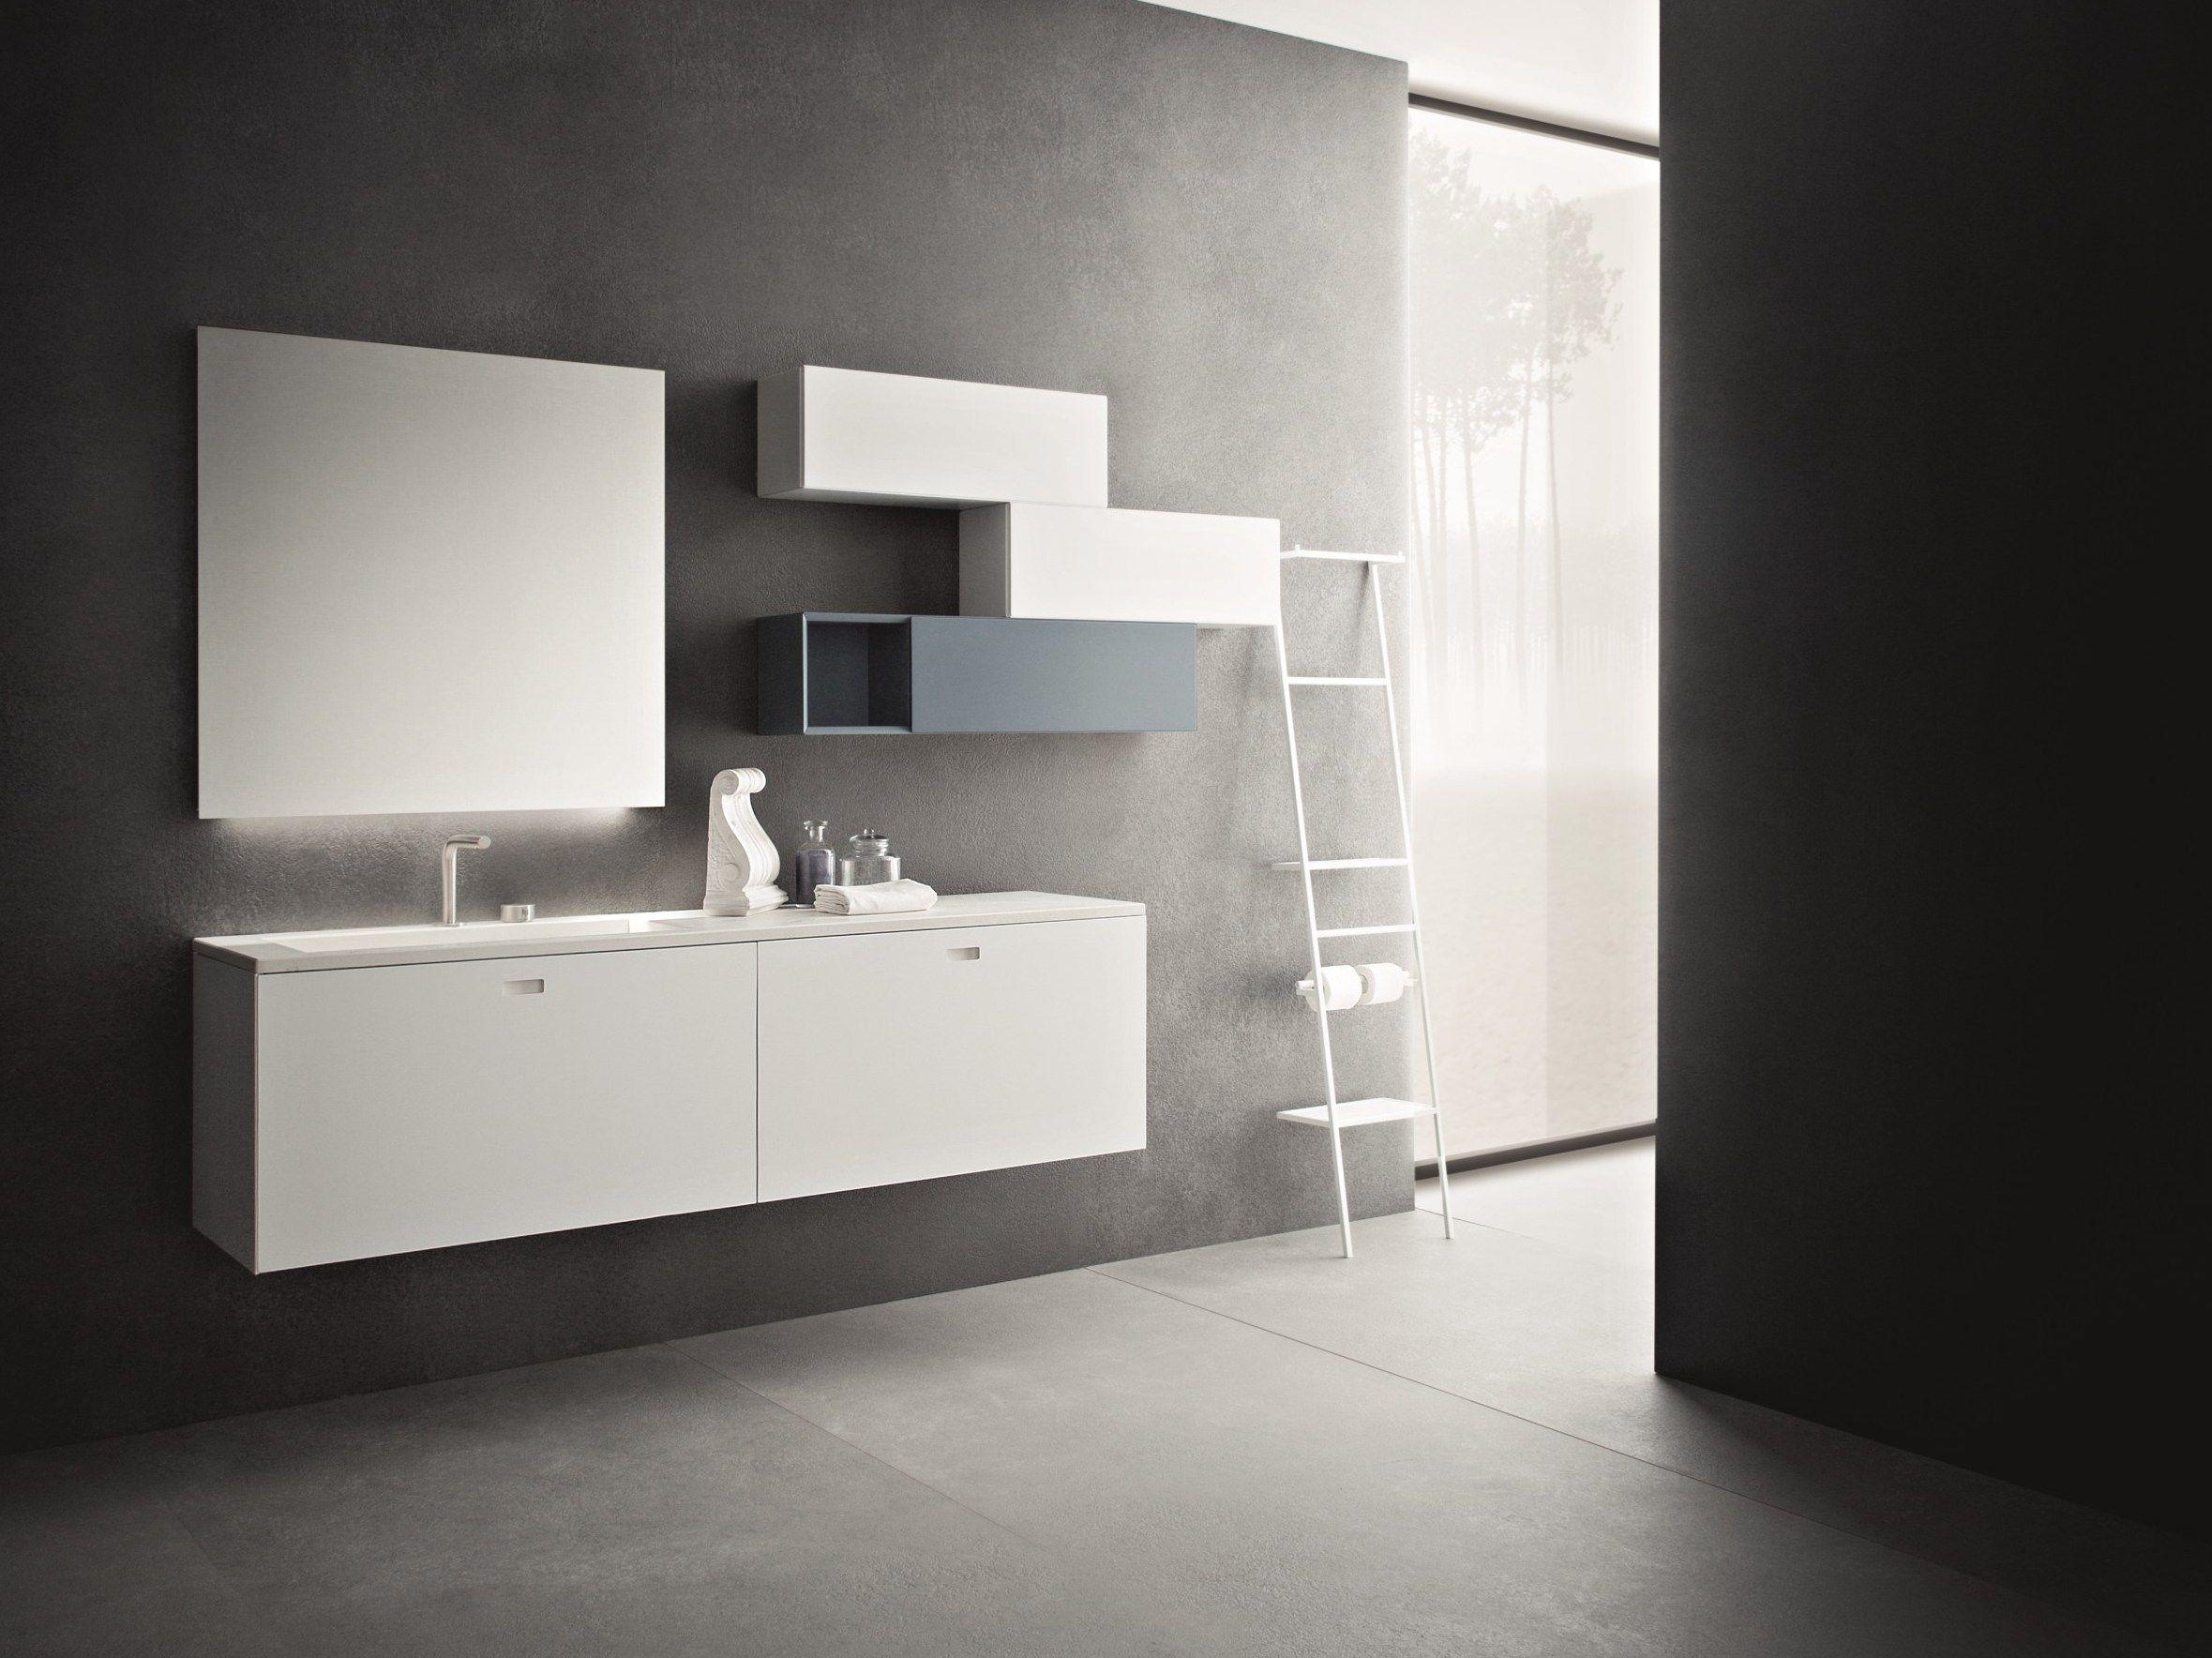 Arredo bagno completo CRAFT - COMPOSIZIONE N08 By NOVELLO design ...